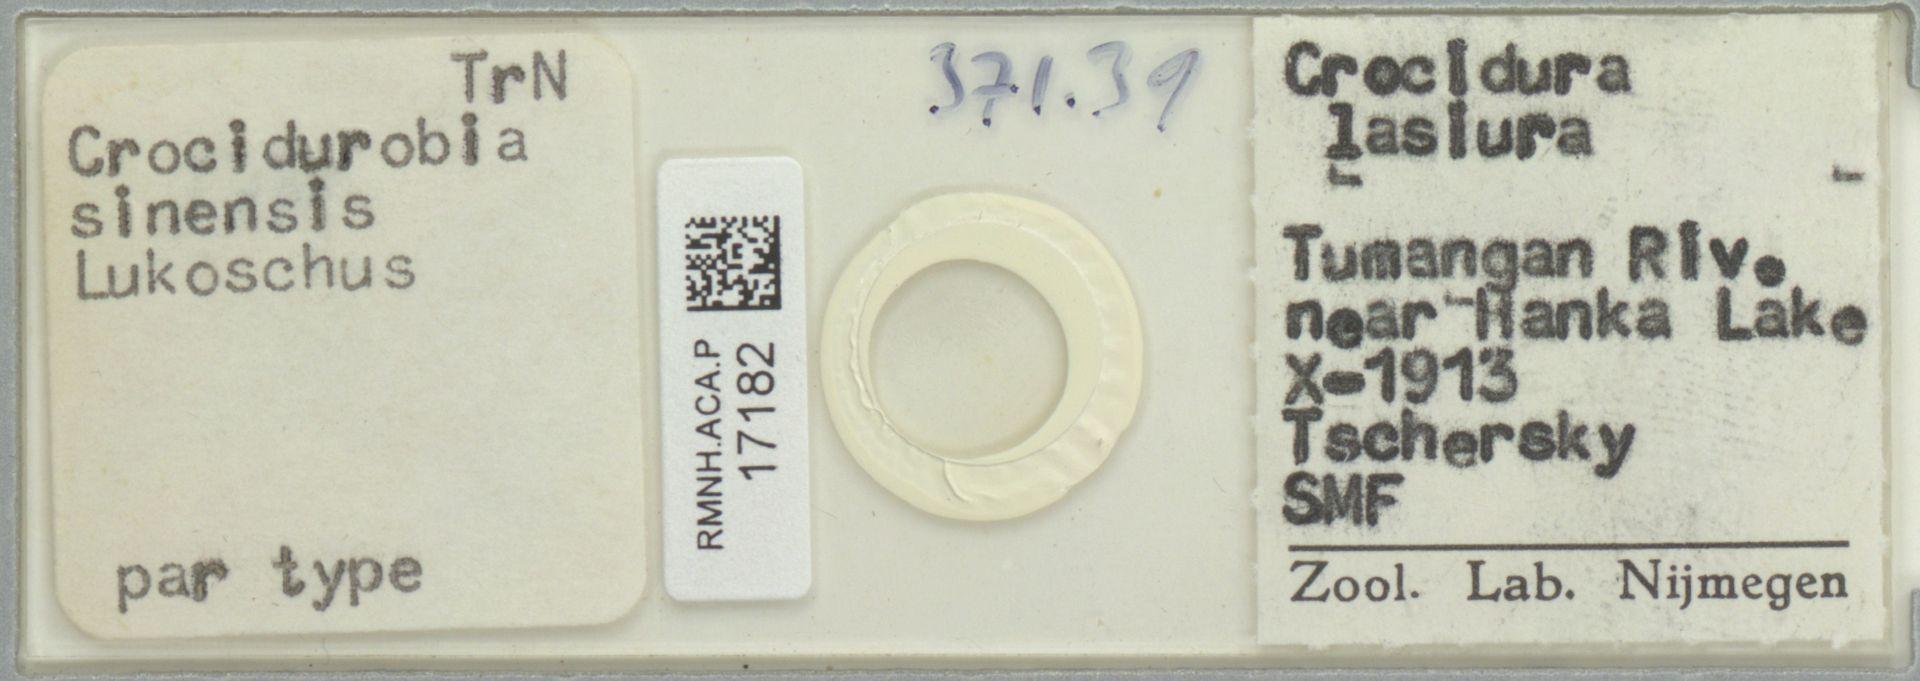 RMNH.ACA.P.17182 | Crocidurobia sinensis